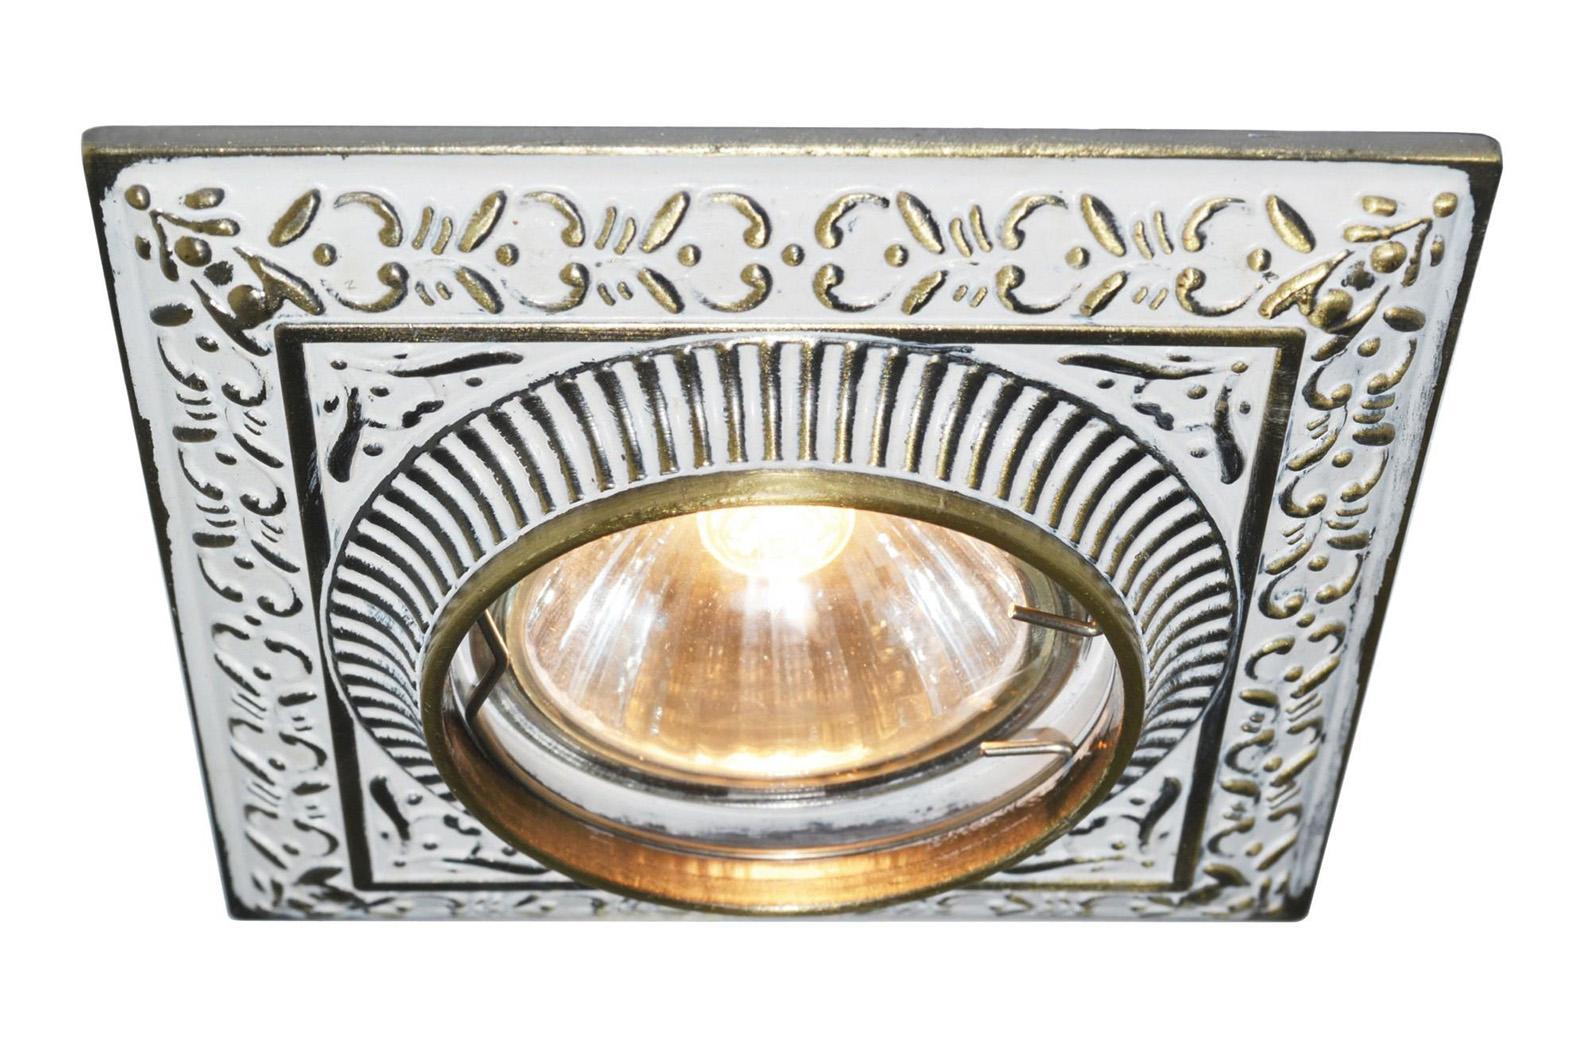 A5284PL-1WG OCCHIO Встраиваемый светильникA5284PL-1WG1x50W; патроны GU10 и G5,3 в комплекте Материал: Арматура: Металл, литье Размер: 100x100x45 Цвет: Бело-золотой